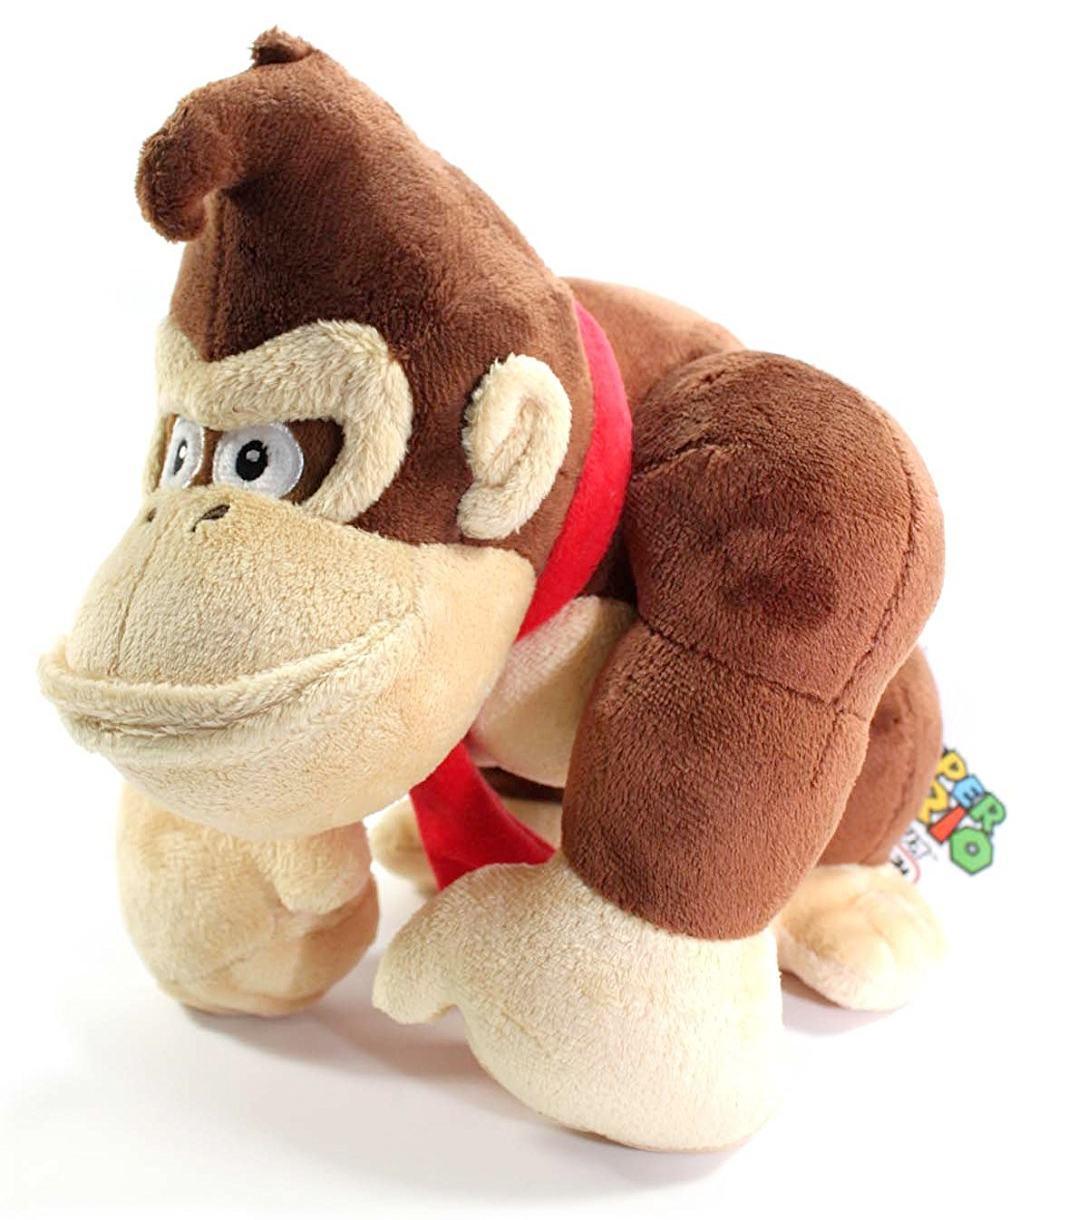 Boneco-Pelucia-Donkey-Kong-10-Inch-Plush-Sanei-02